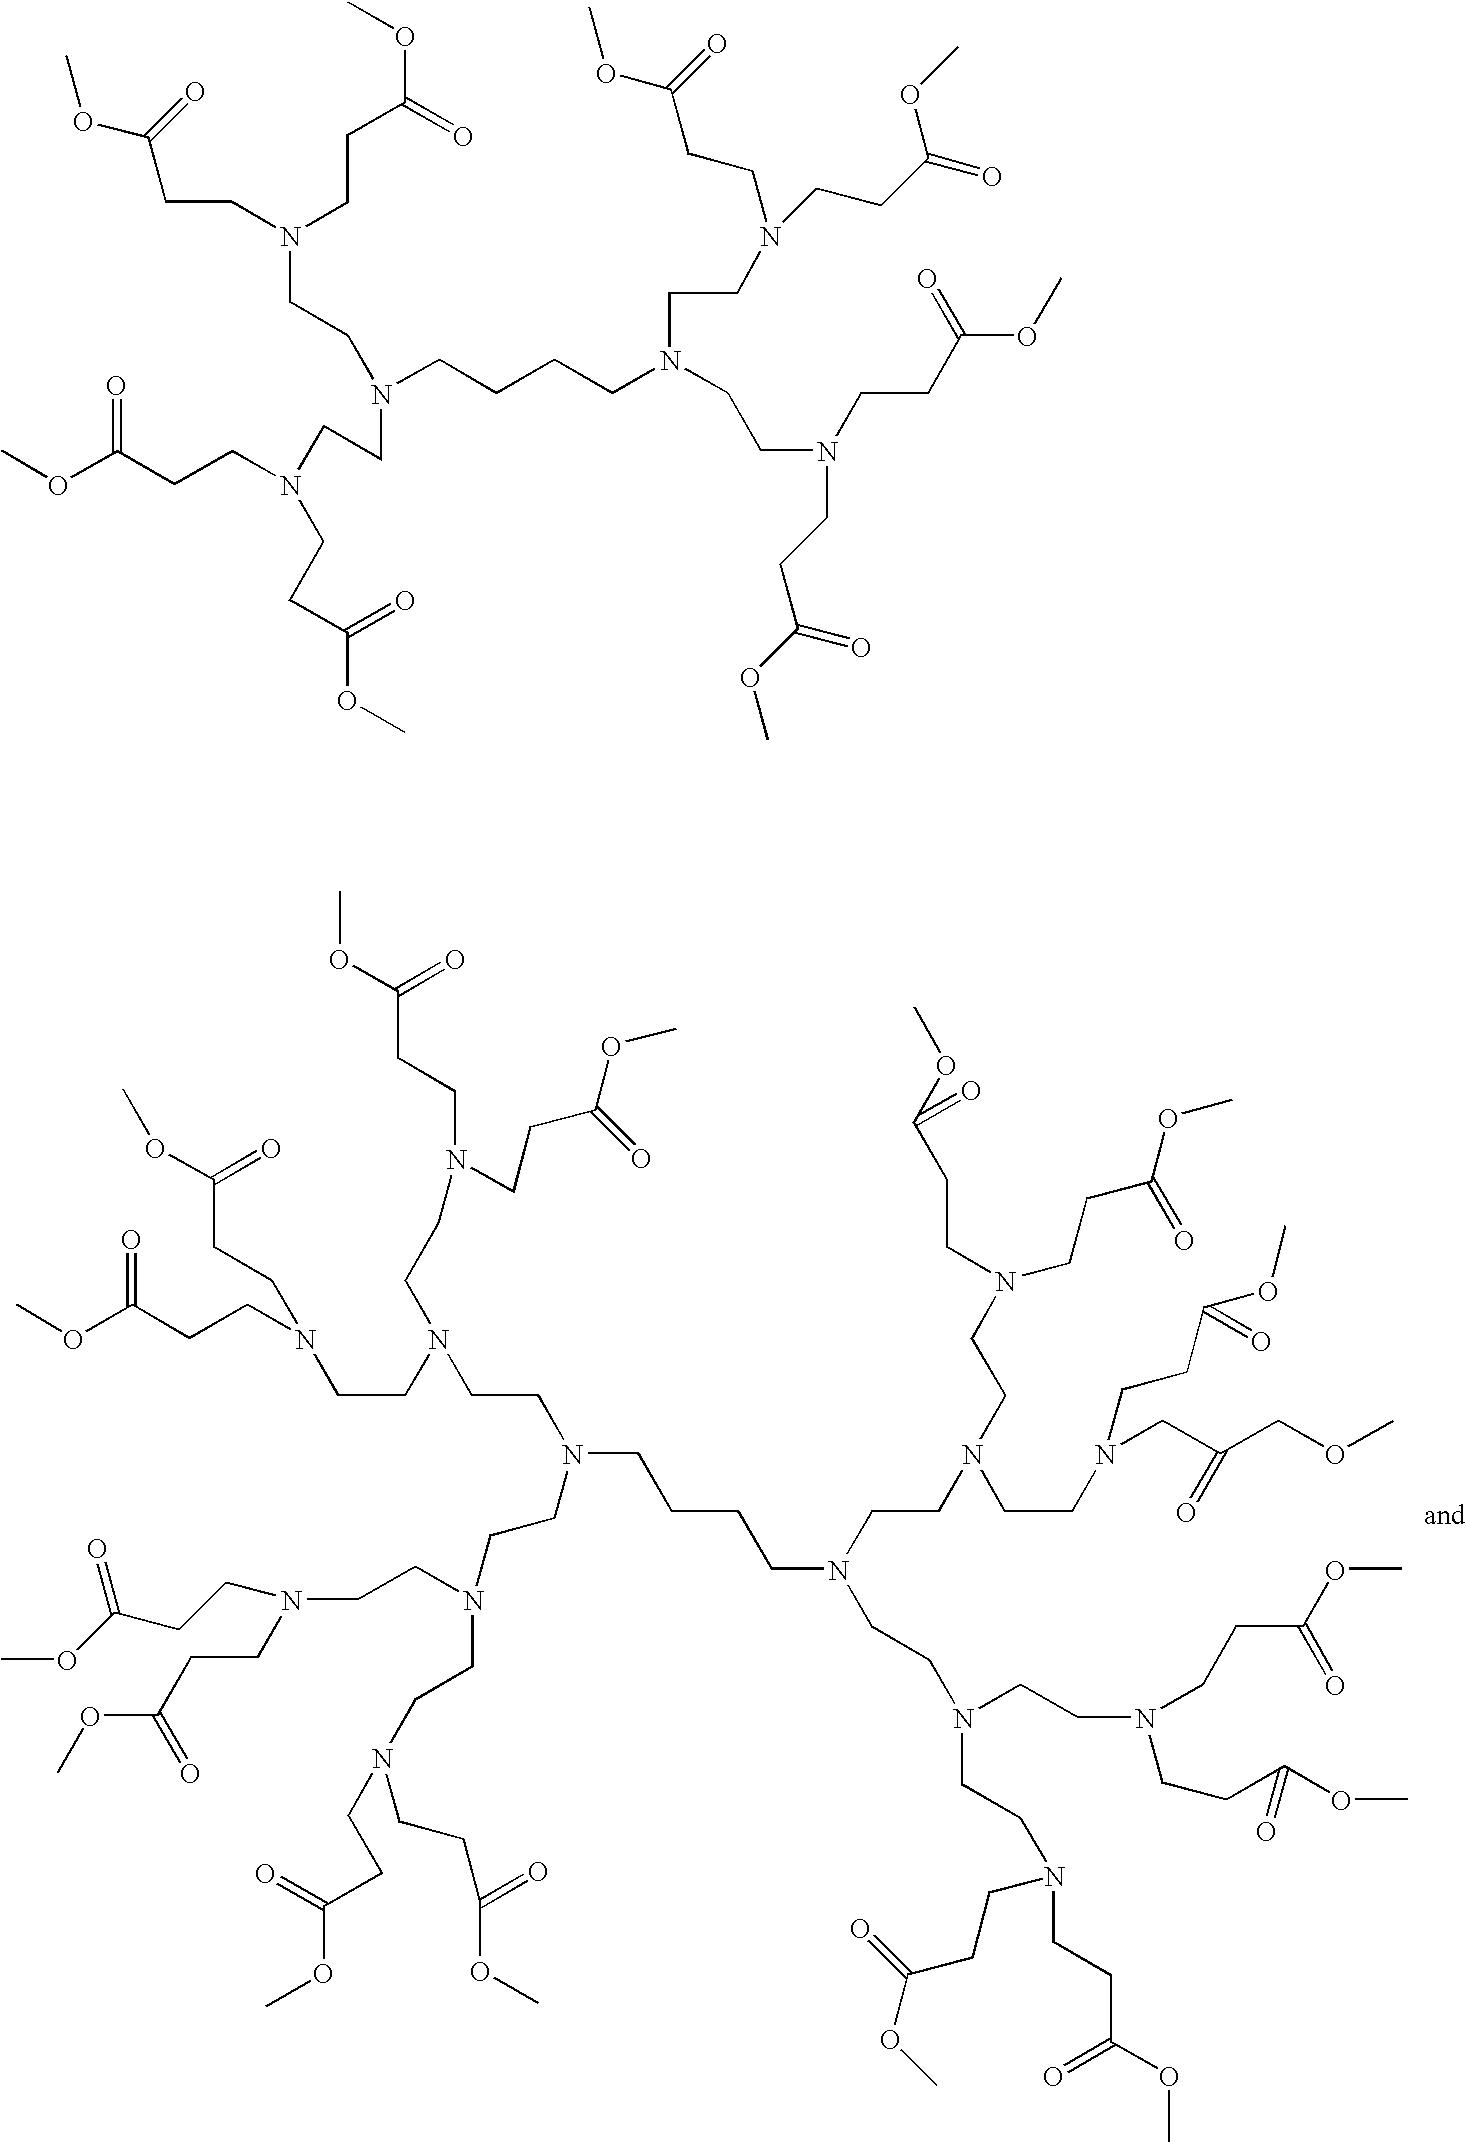 Figure US20100093857A1-20100415-C00012